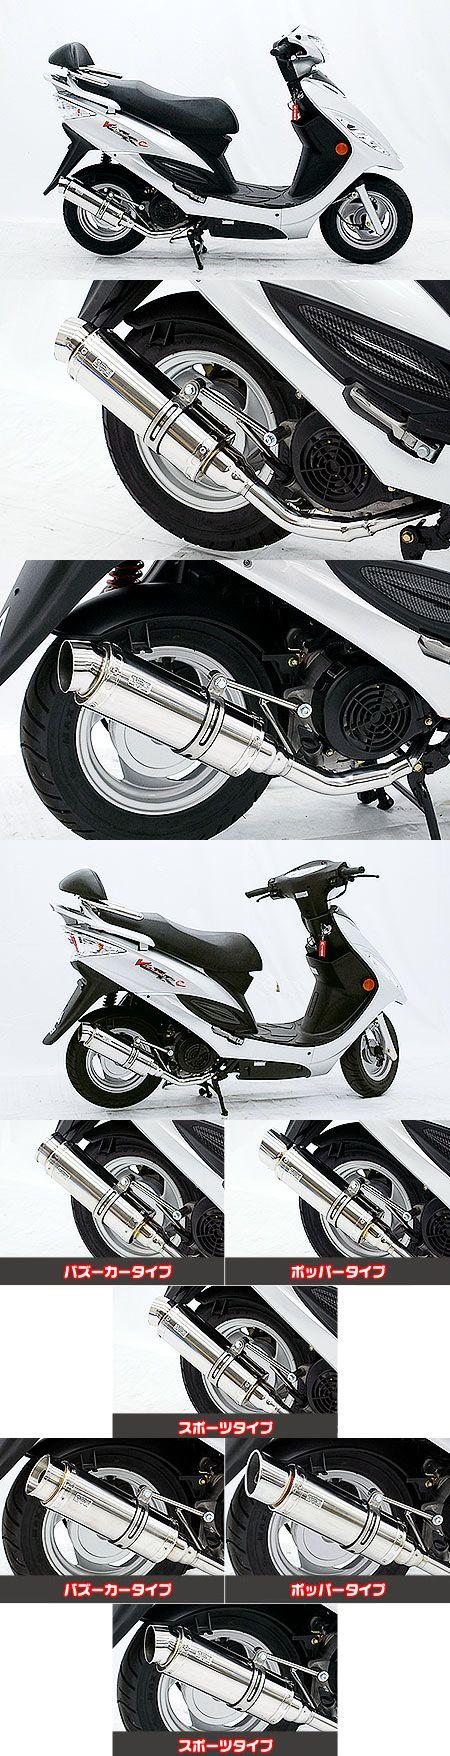 【WirusWin】Tiger auto聯名款 Royal全段排氣管 Spotrs型 - 「Webike-摩托百貨」